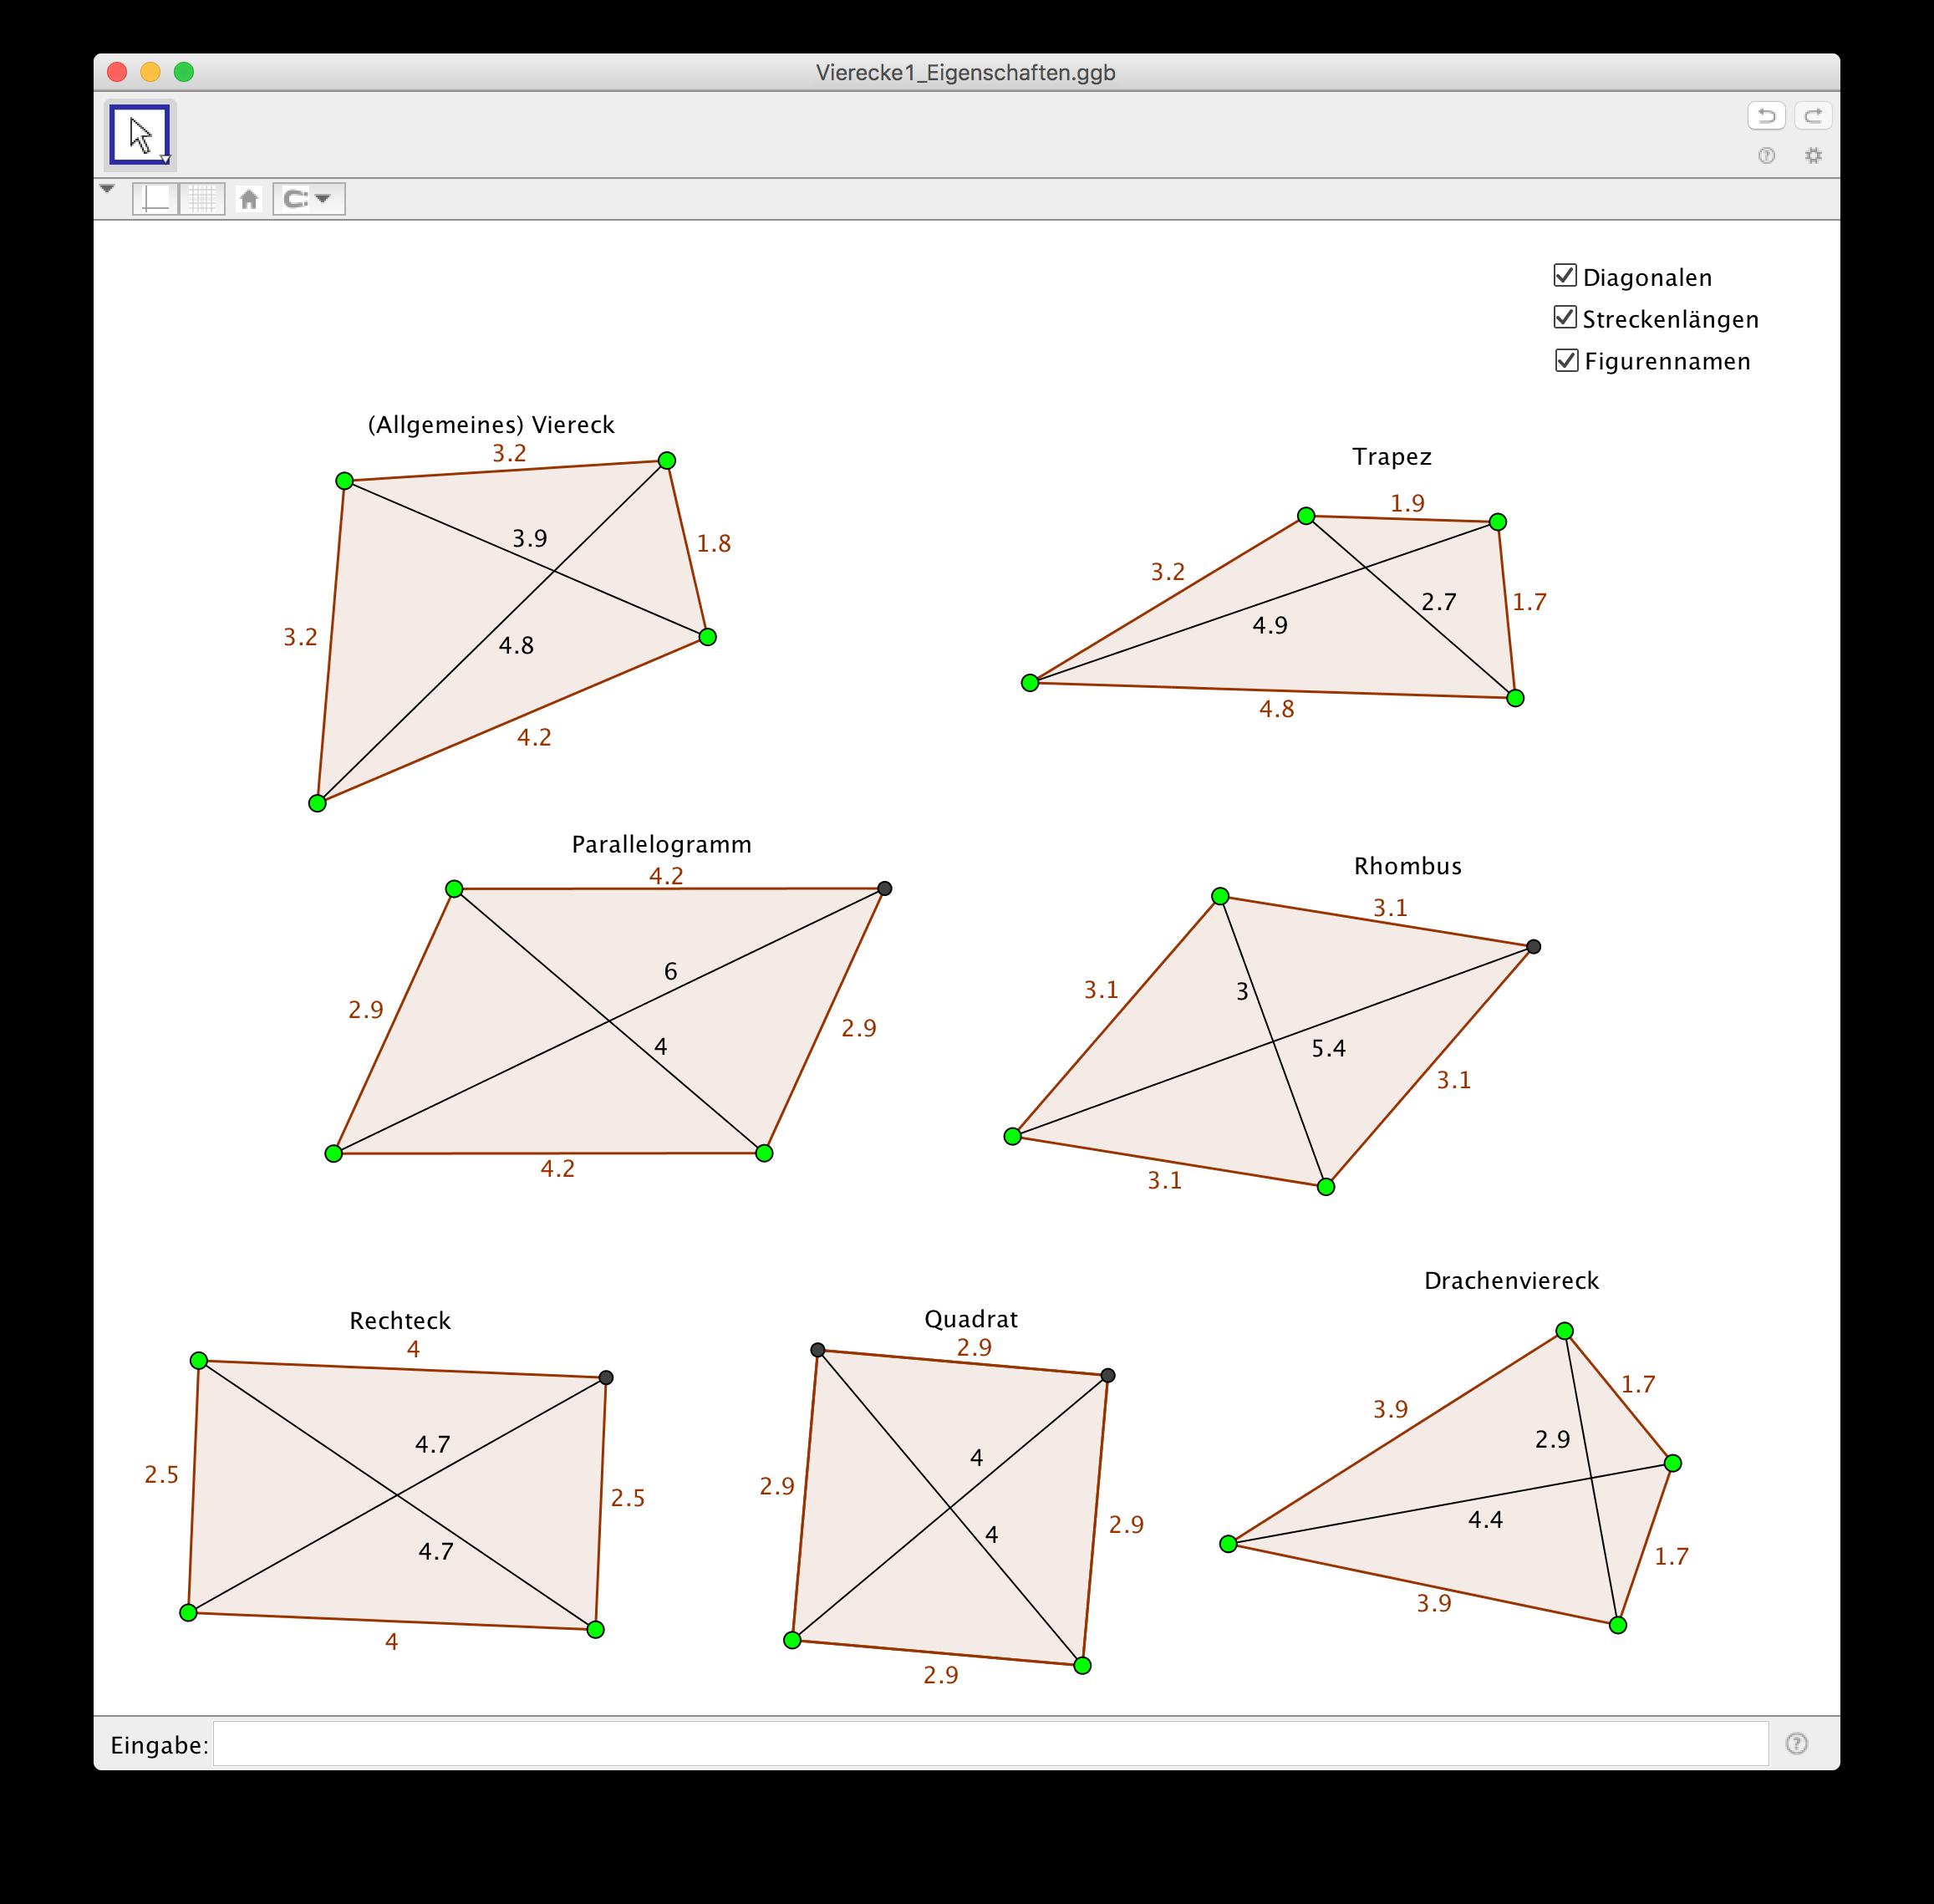 Preview image for LOM object Eigenschaften von Vierecken am Computer erforschen